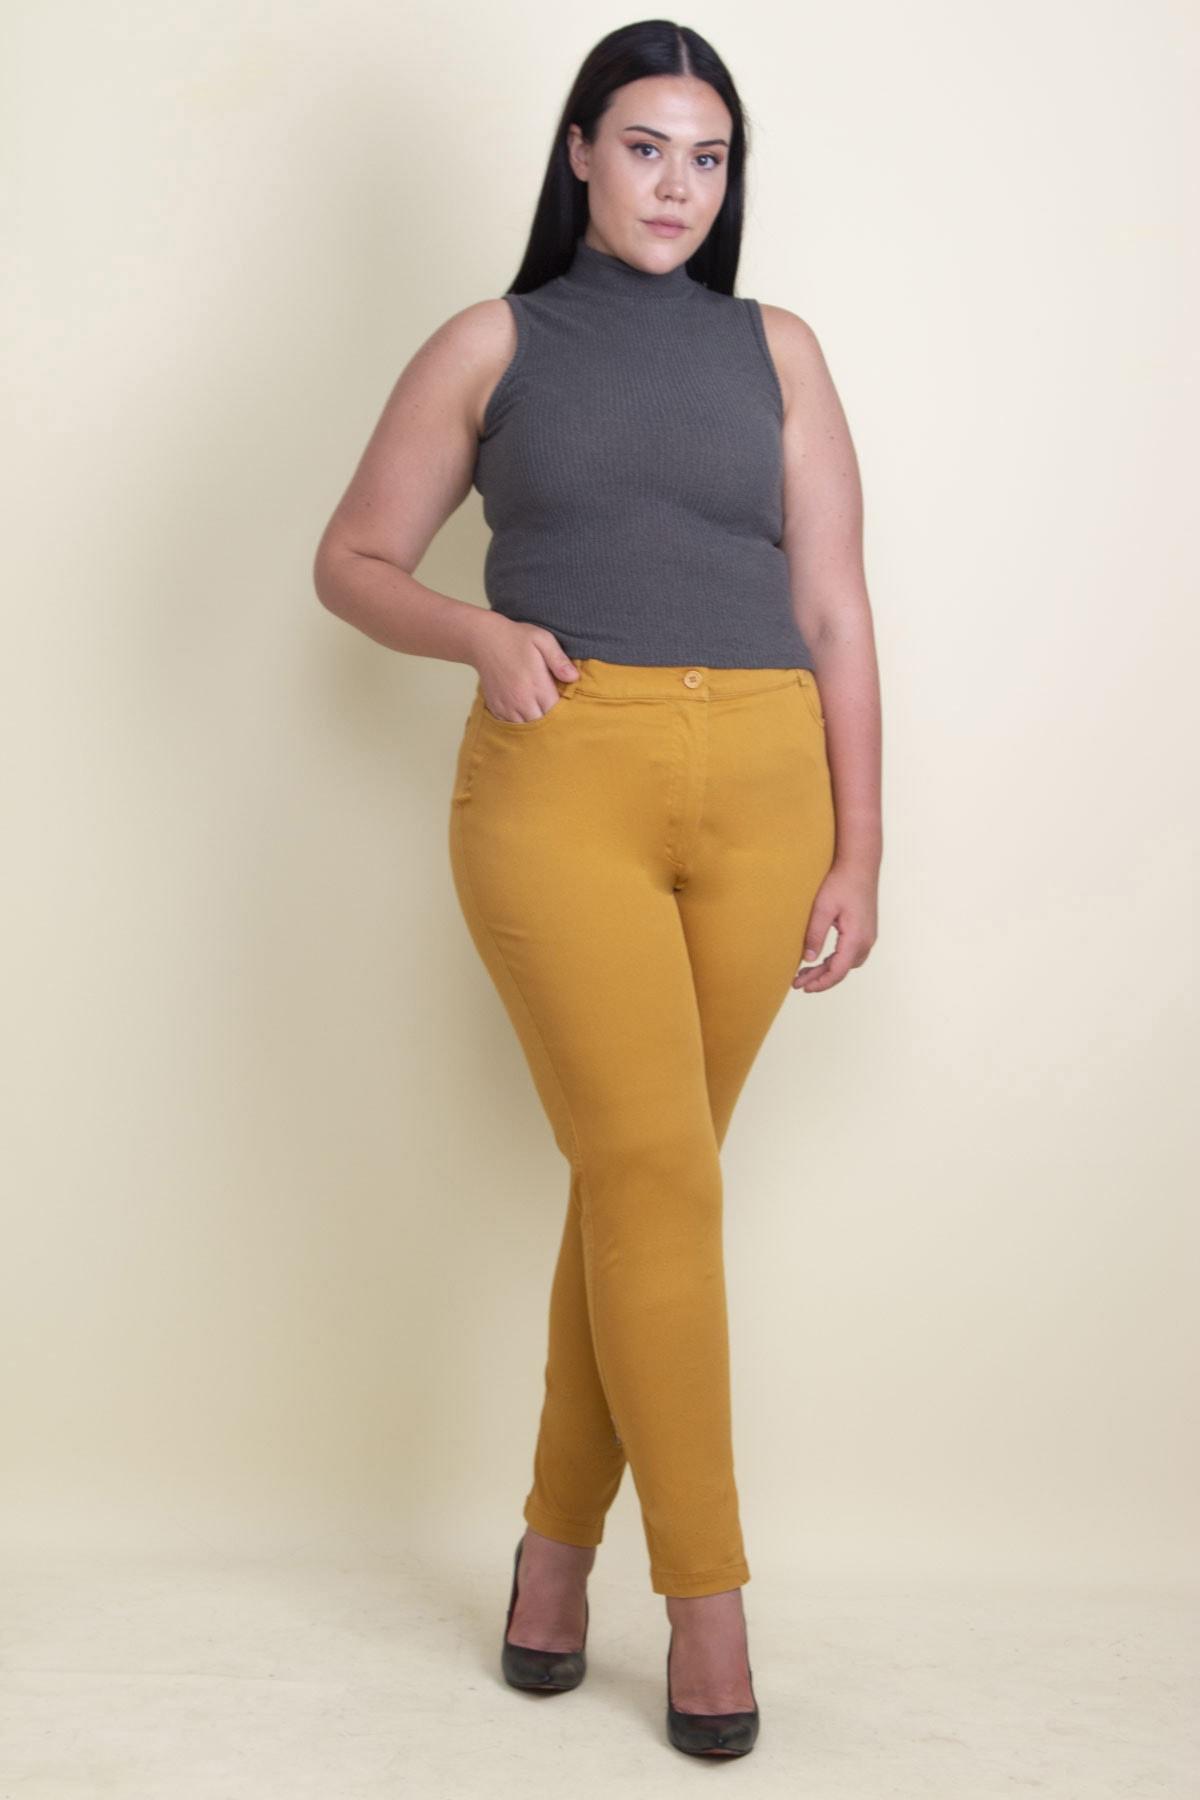 Şans Kadın Hardal Pamuklu Kumaş Likralı Pantolon 65N17898 2